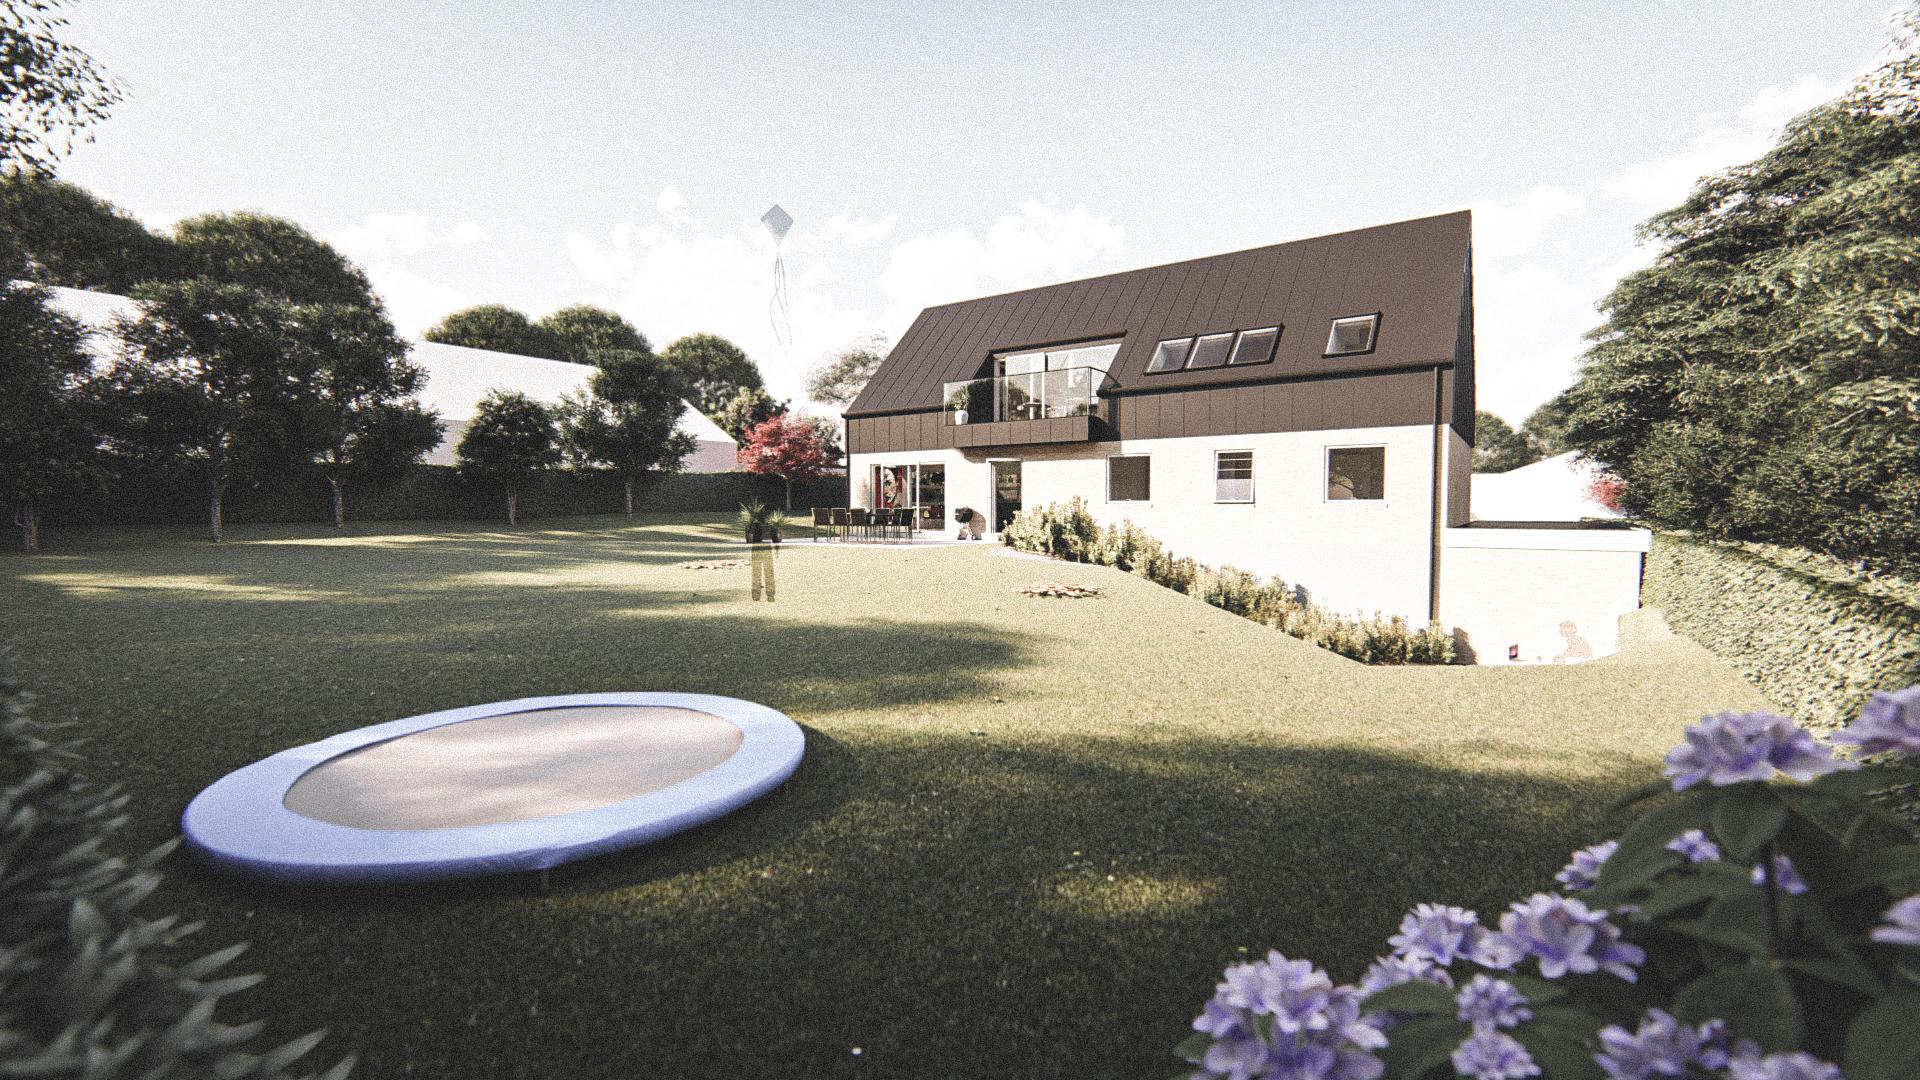 Billede af Dansk arkitekttegnet 2 plan villa af arkitektfirmaet m2plus, i Stavstrup på 247 kvartratmeter.